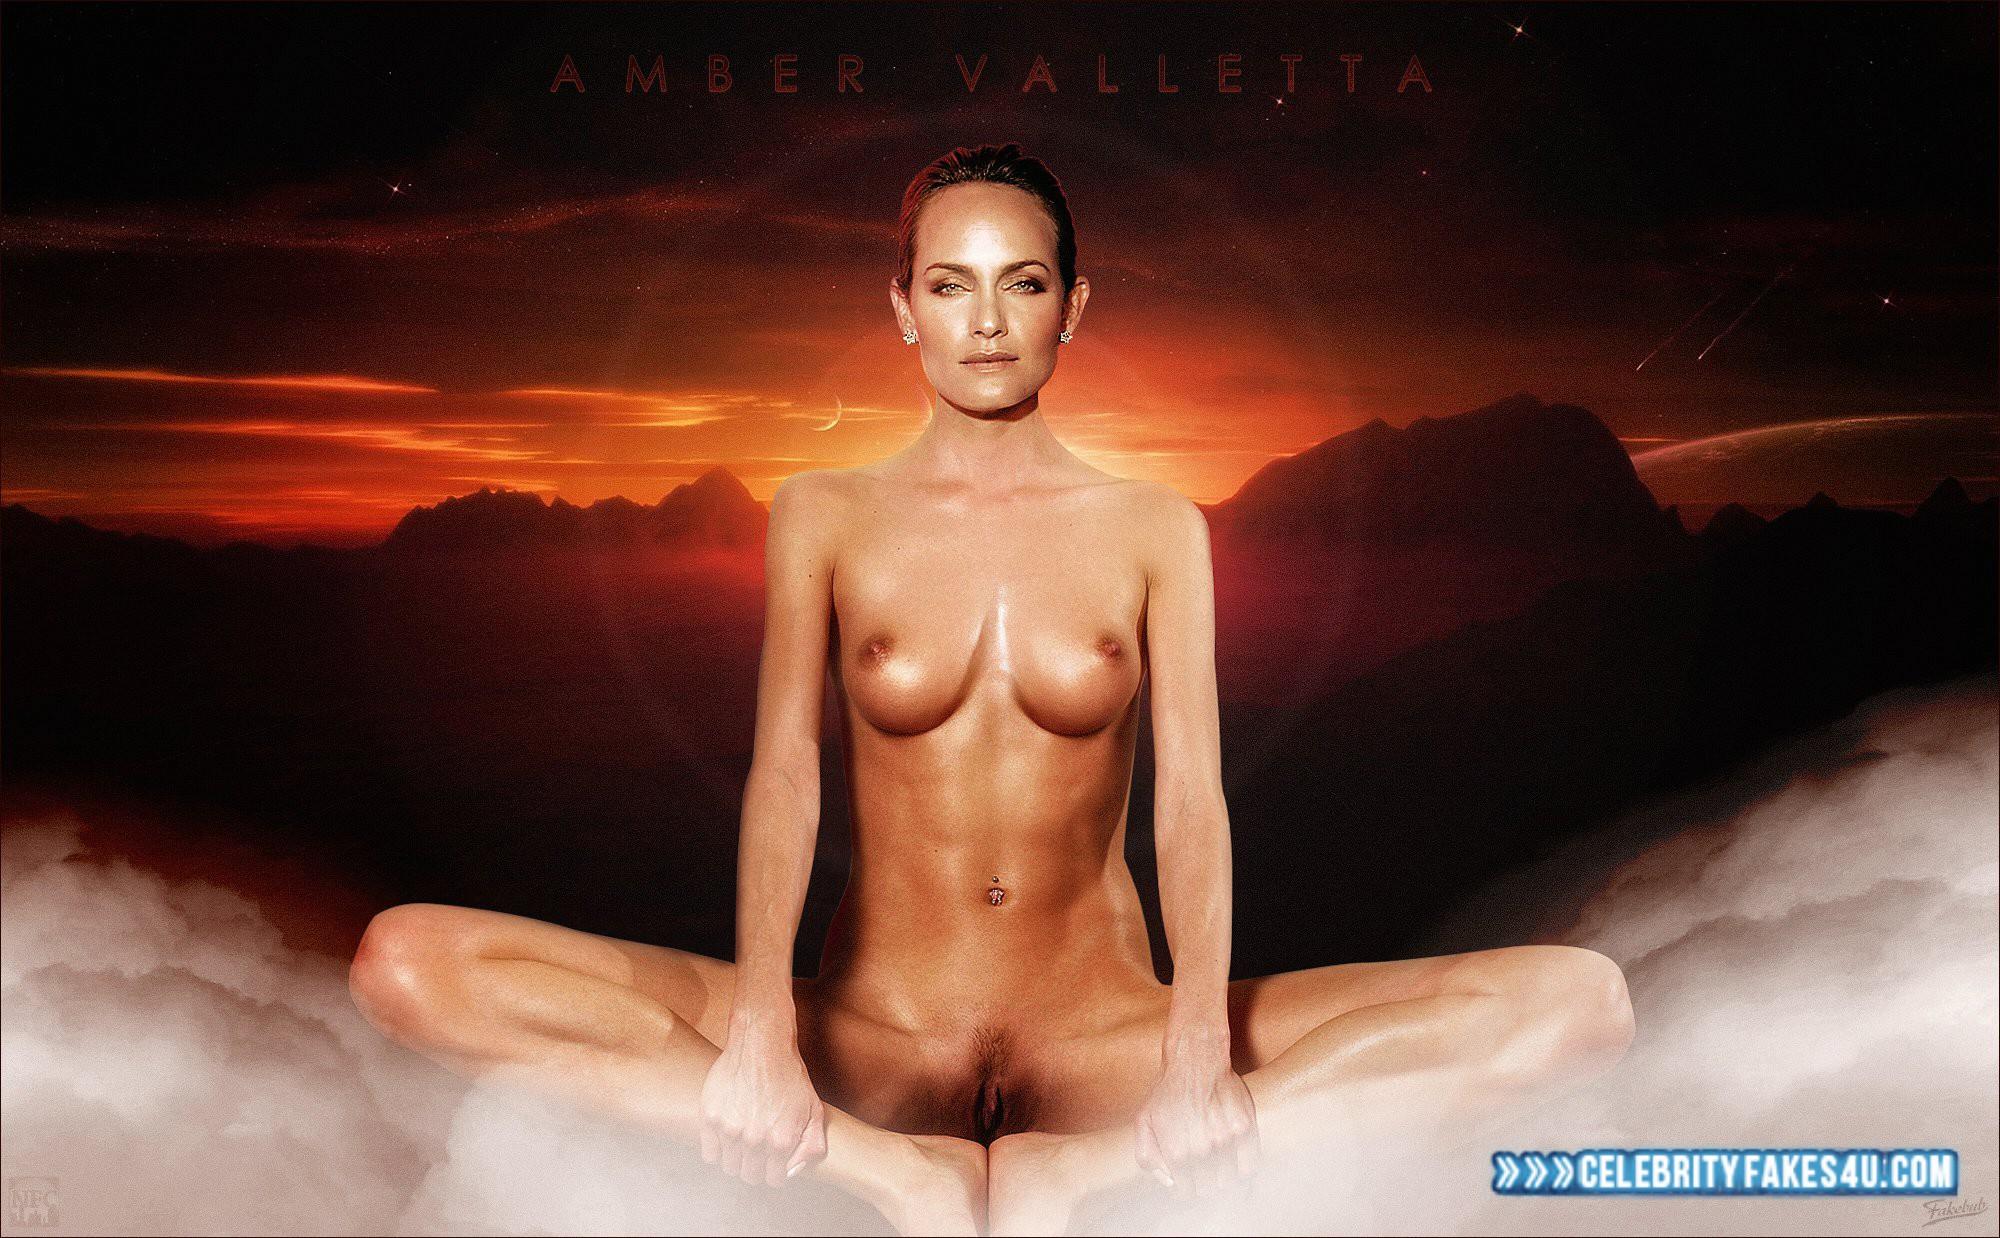 Tits Amber Valletta nudes (25 photos), Ass, Bikini, Boobs, see through 2015